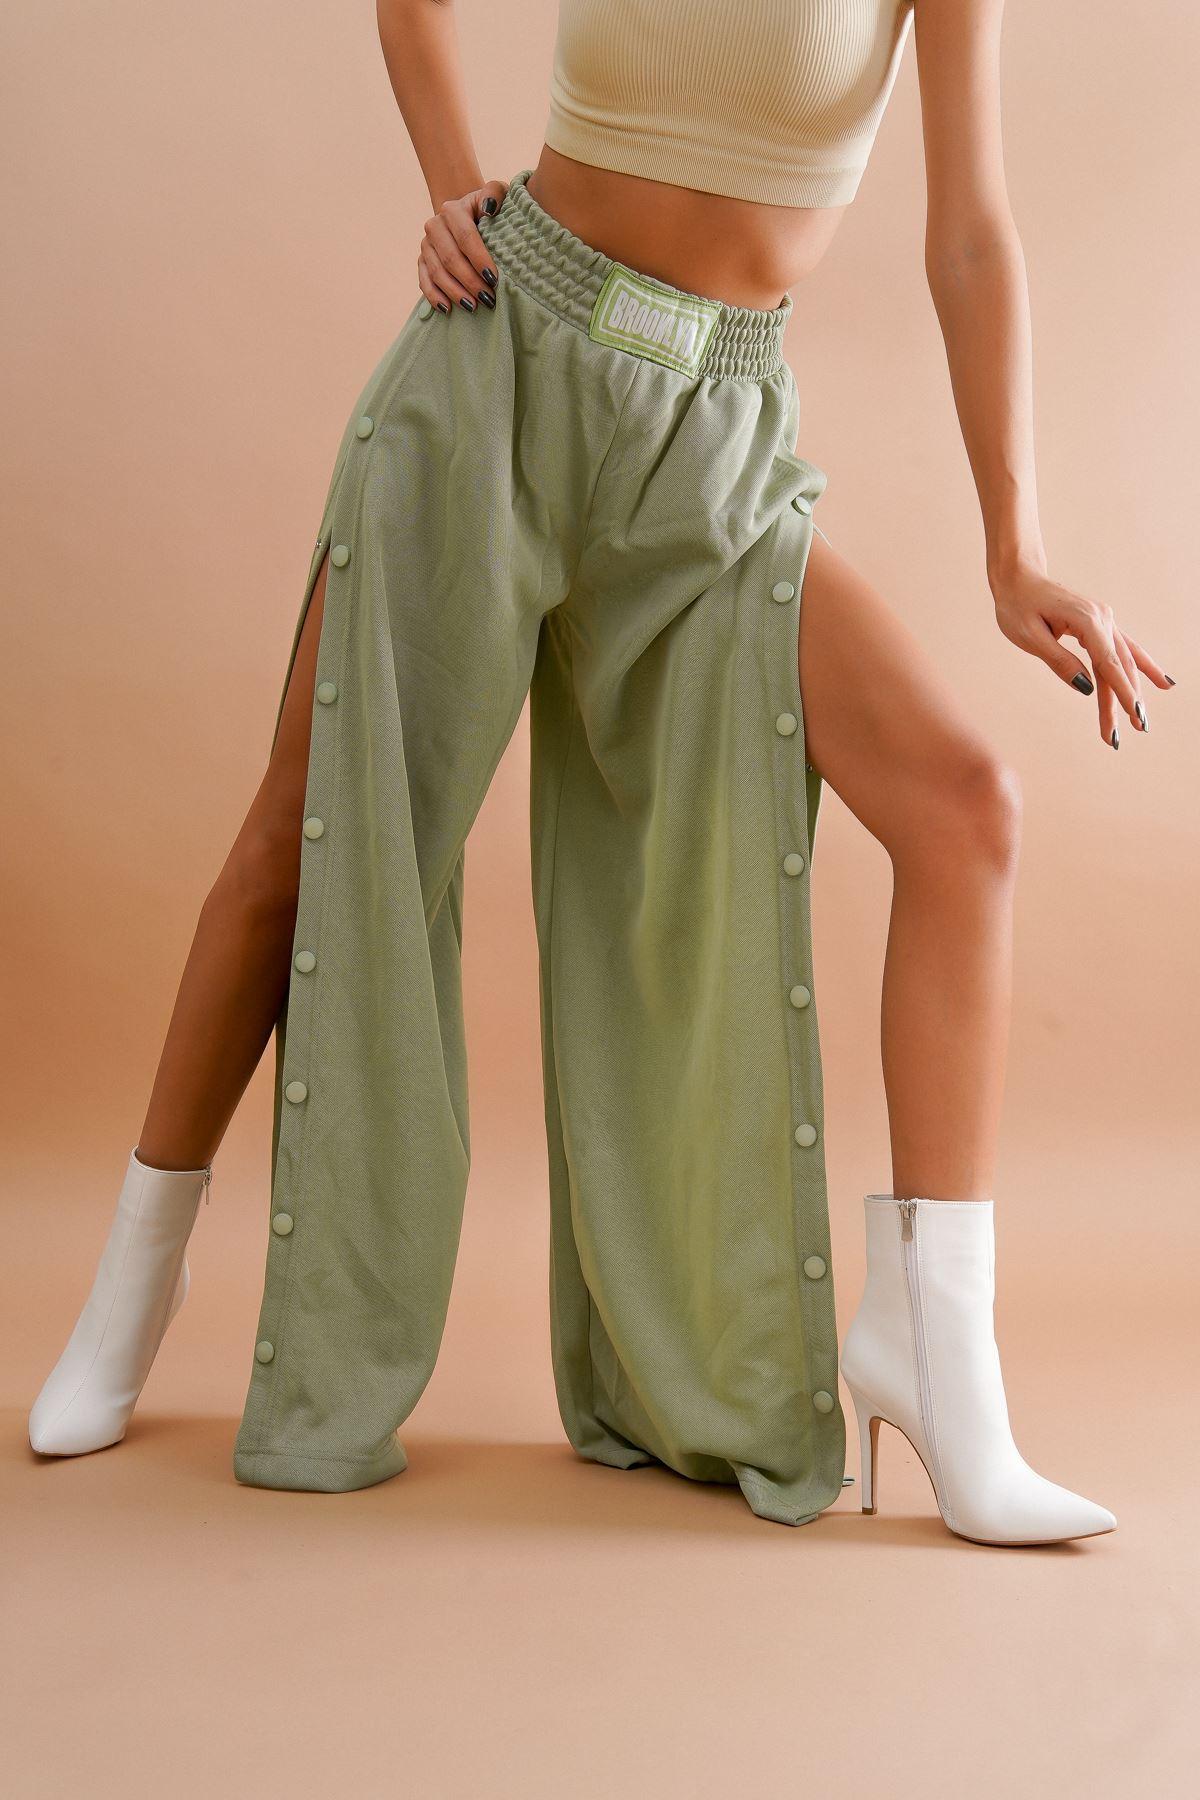 Halden Beyaz Cilt Topuklu Kadın Bot